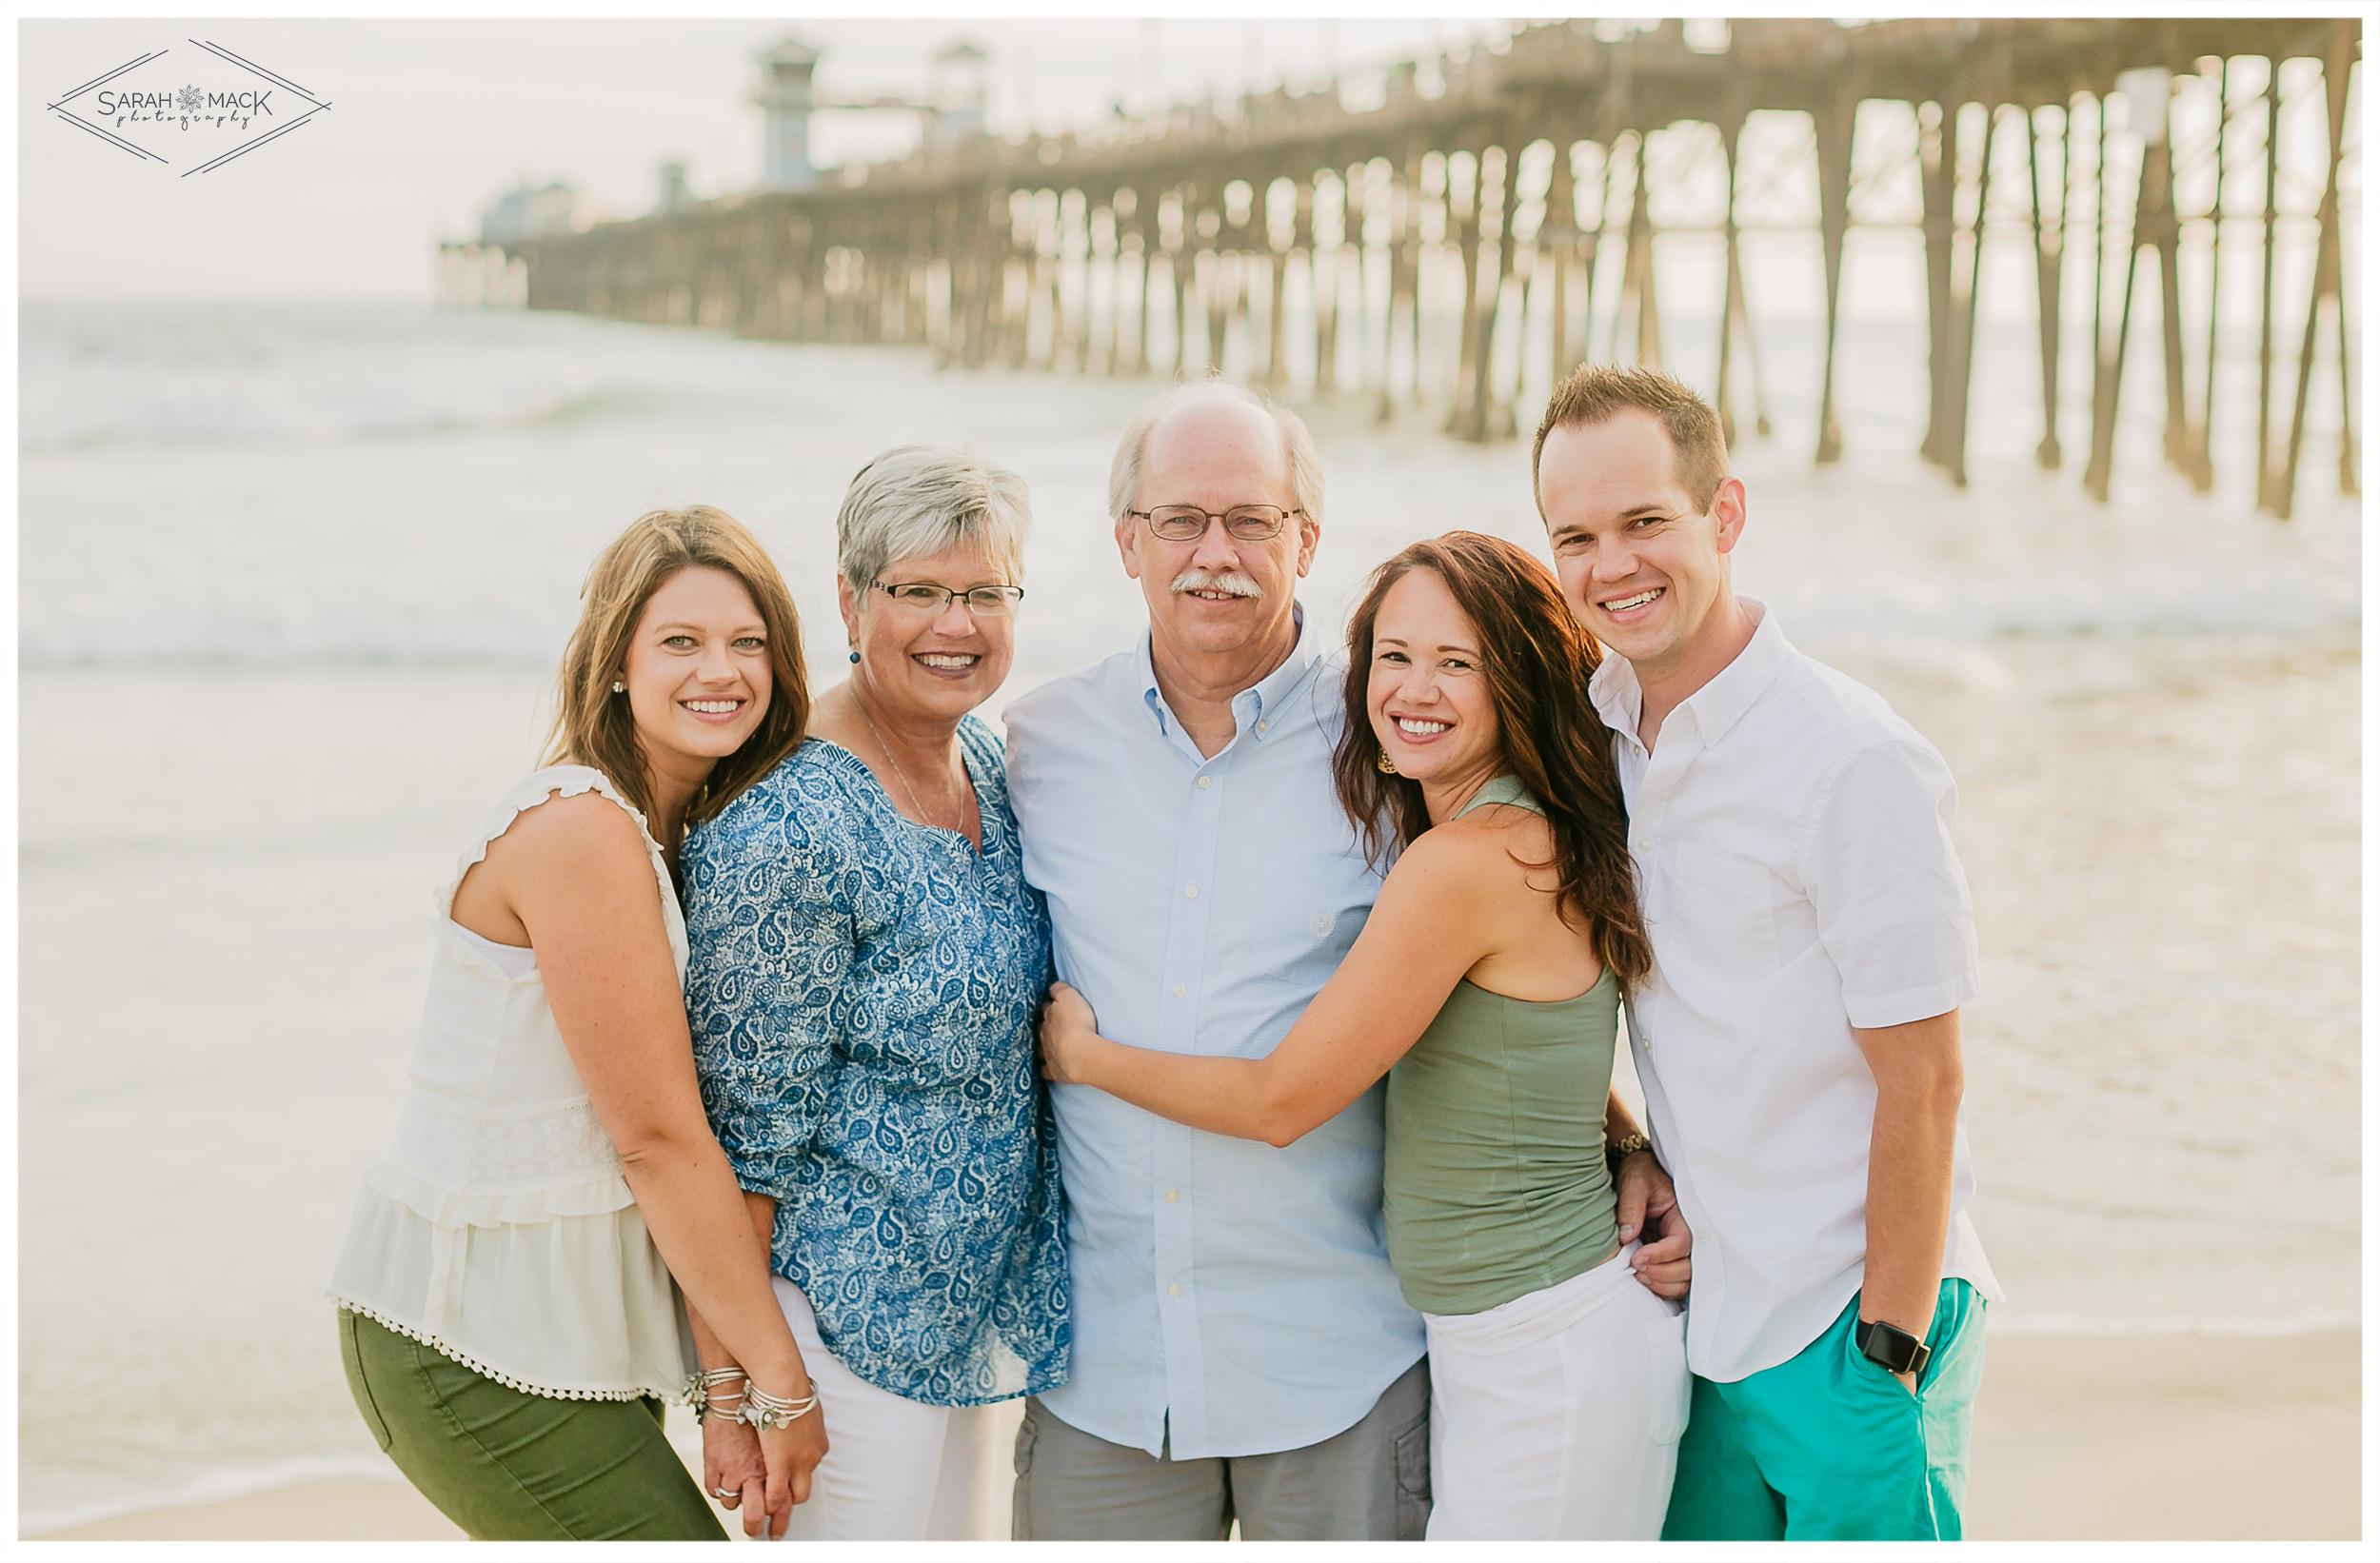 BP-Orange-County-Family-Photography-Oceanside-Pier-11.jpg